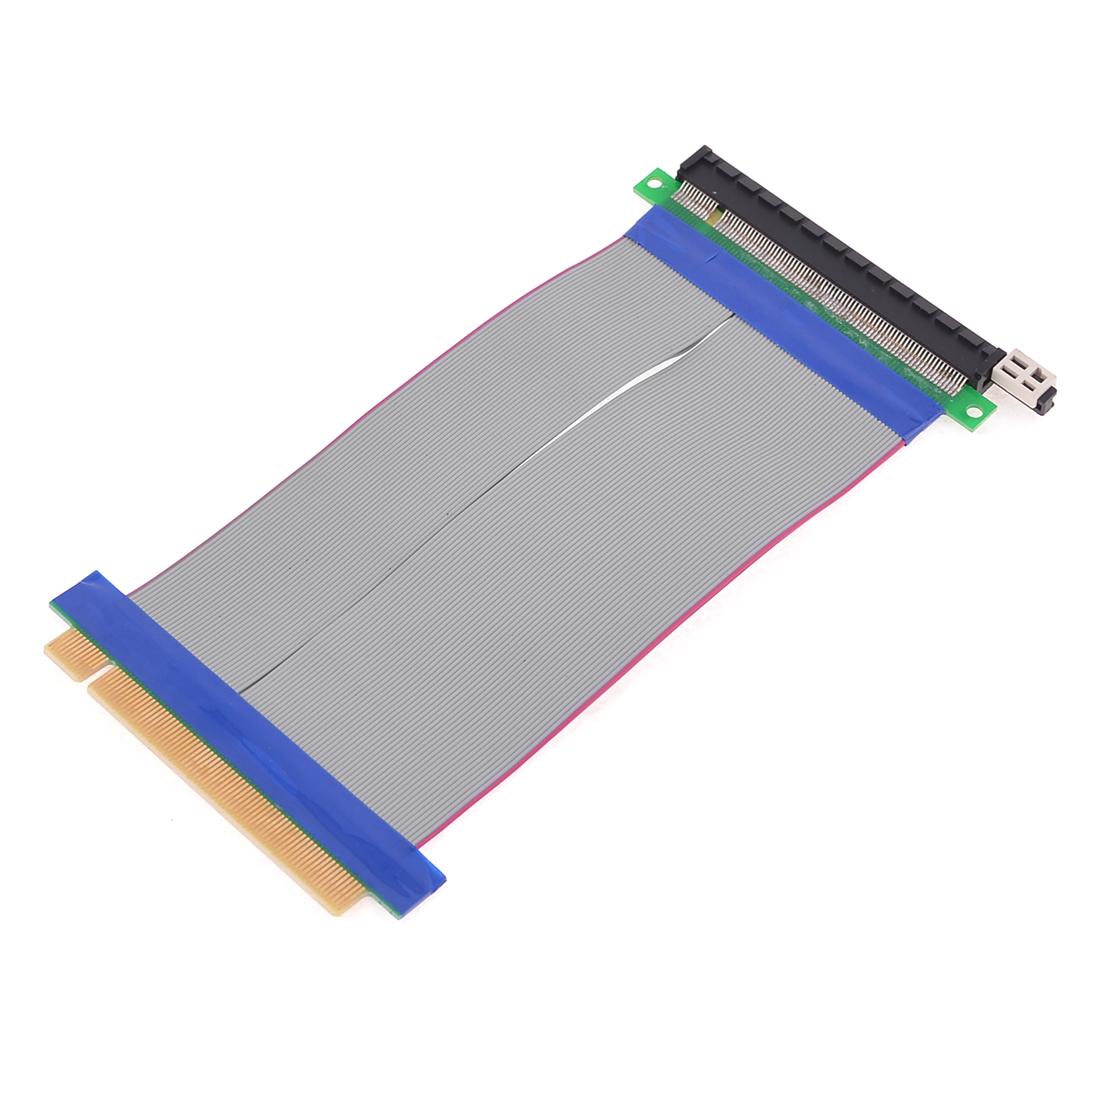 PCI-E 16X Riser Card Flexible Extender Extension Flex Cable for Laptop PC